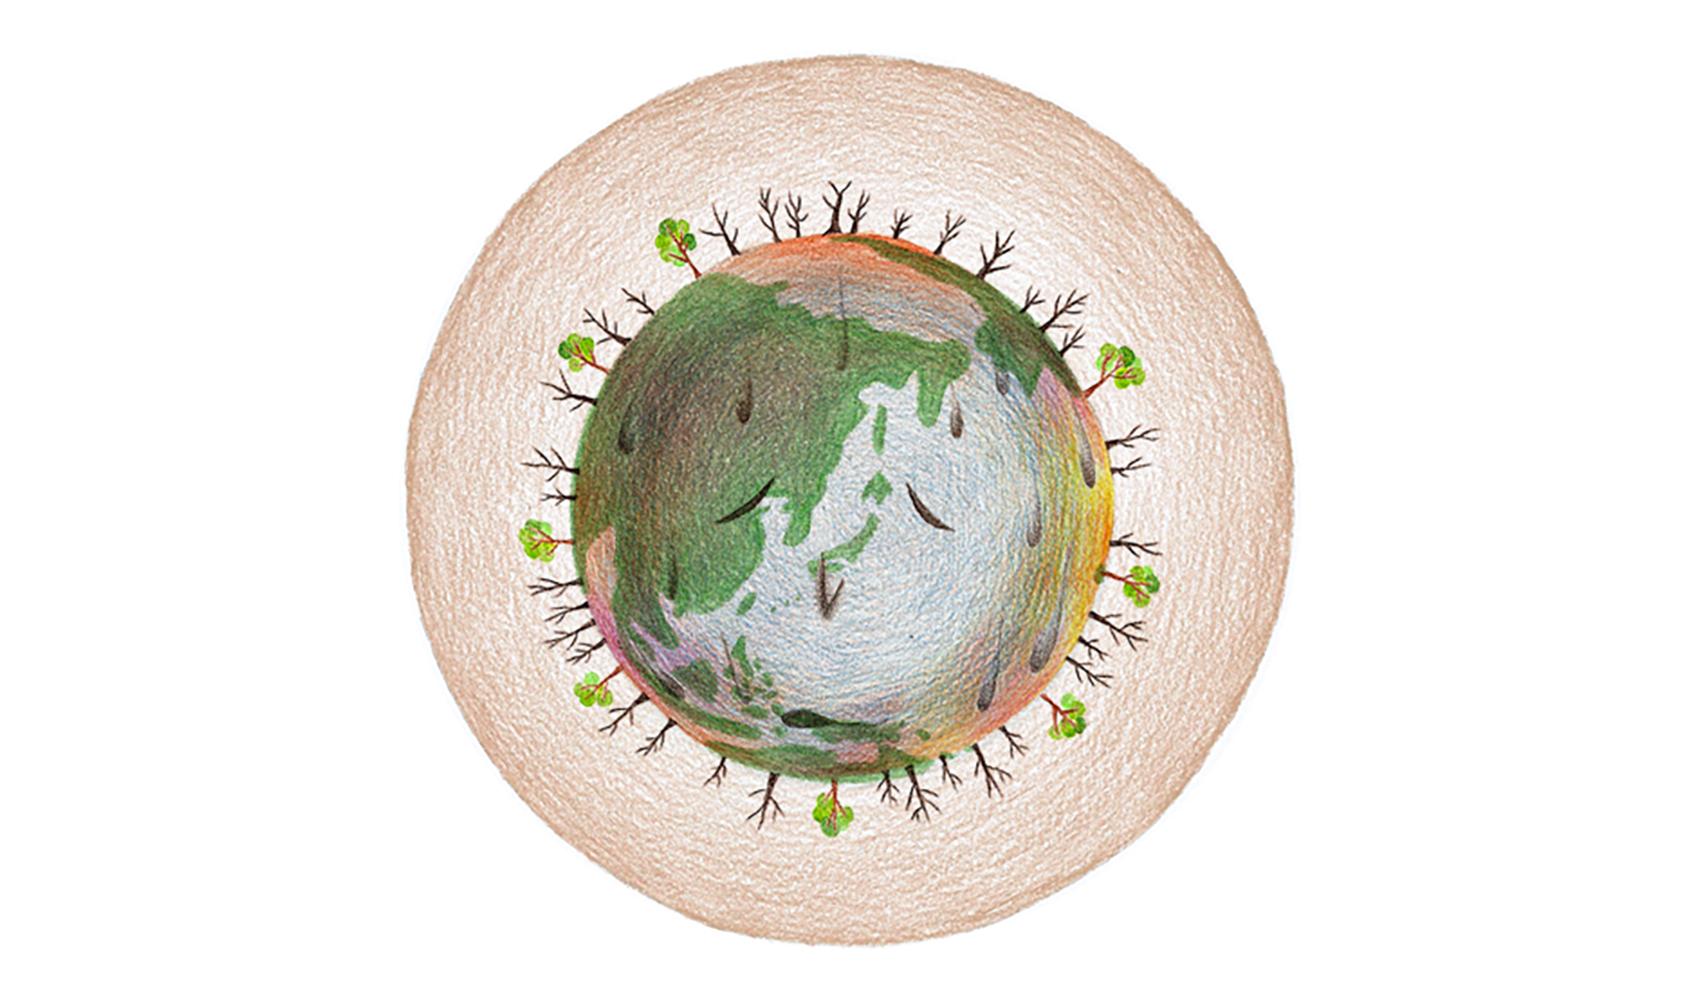 熱帯林が破壊されると、どうなるのですか?(森林破壊)